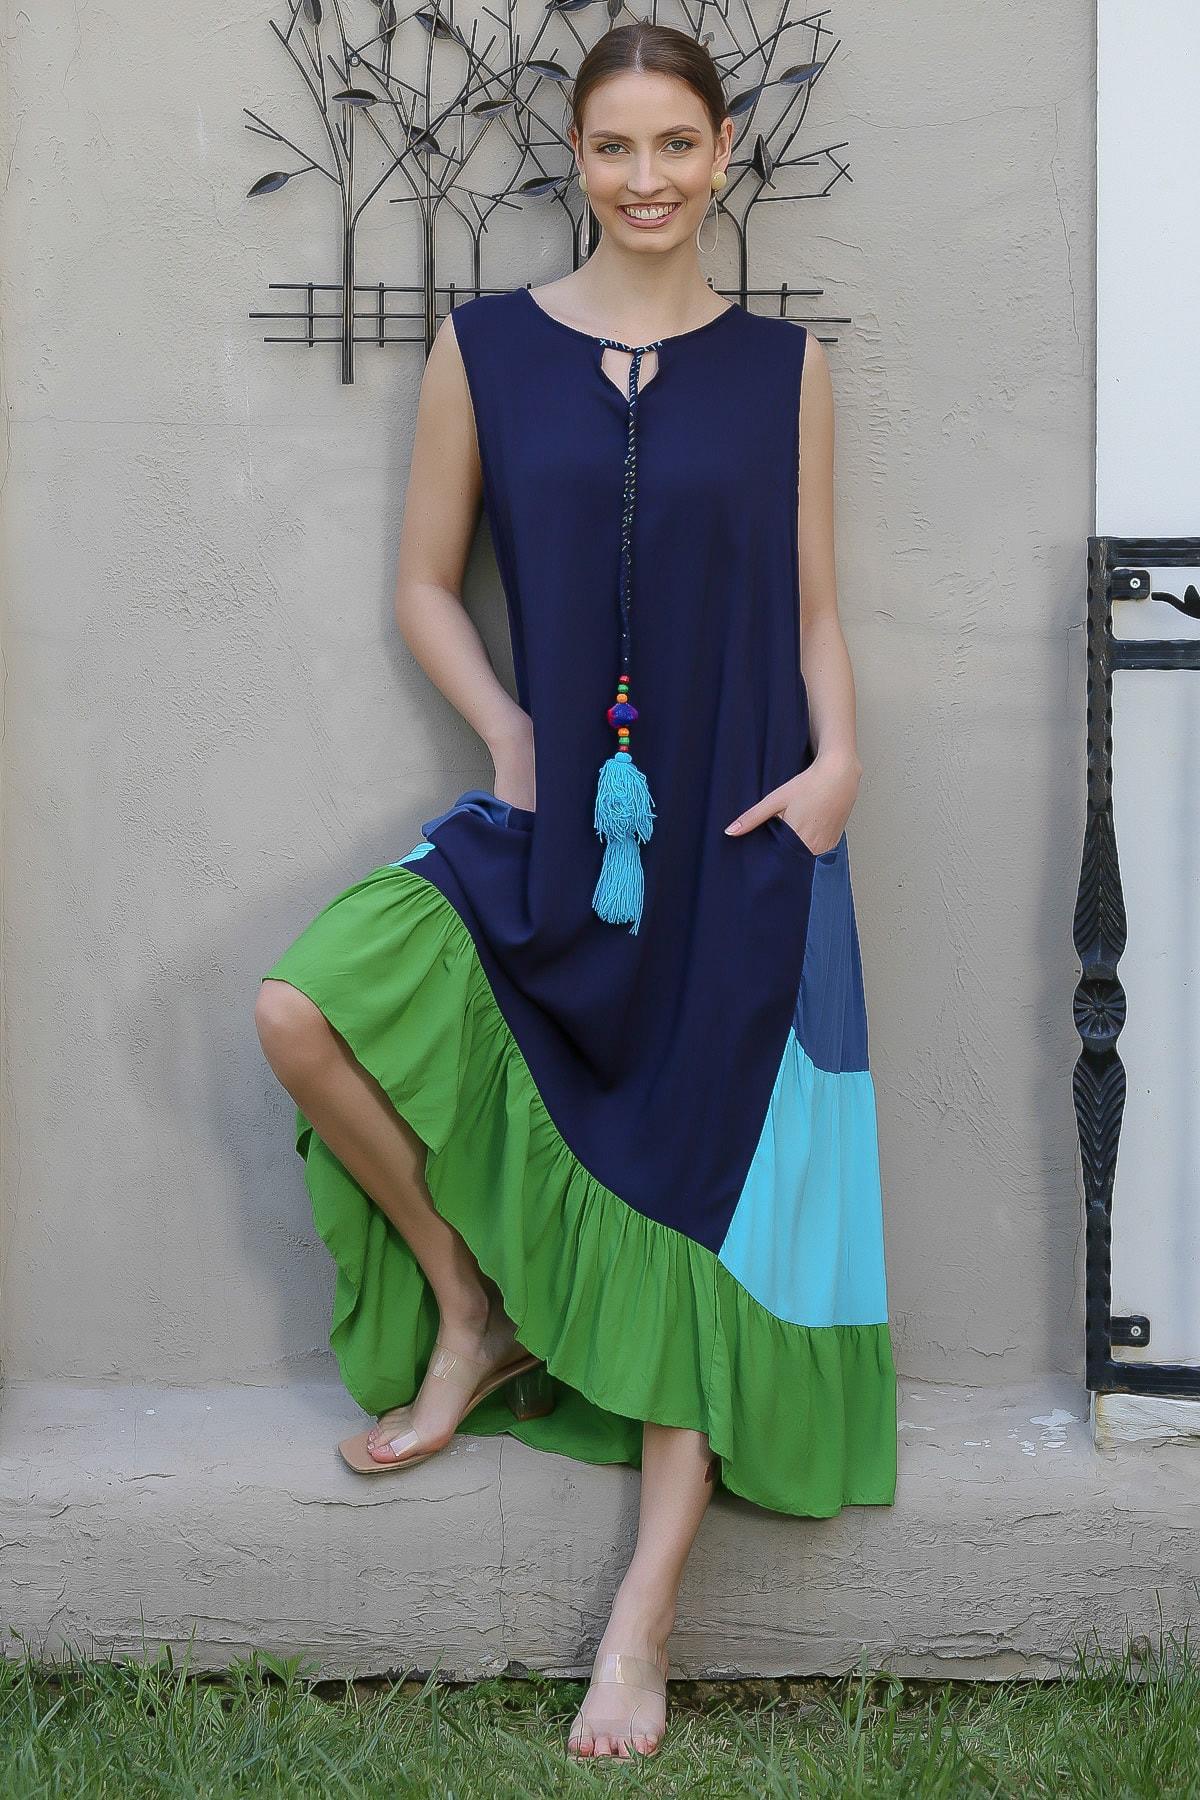 Chiccy Kadın Lacivert Yakası Bağlamalı Püsküllü Bloklu Fırfırlı Salaş Dokuma Elbise M10160000EL94910